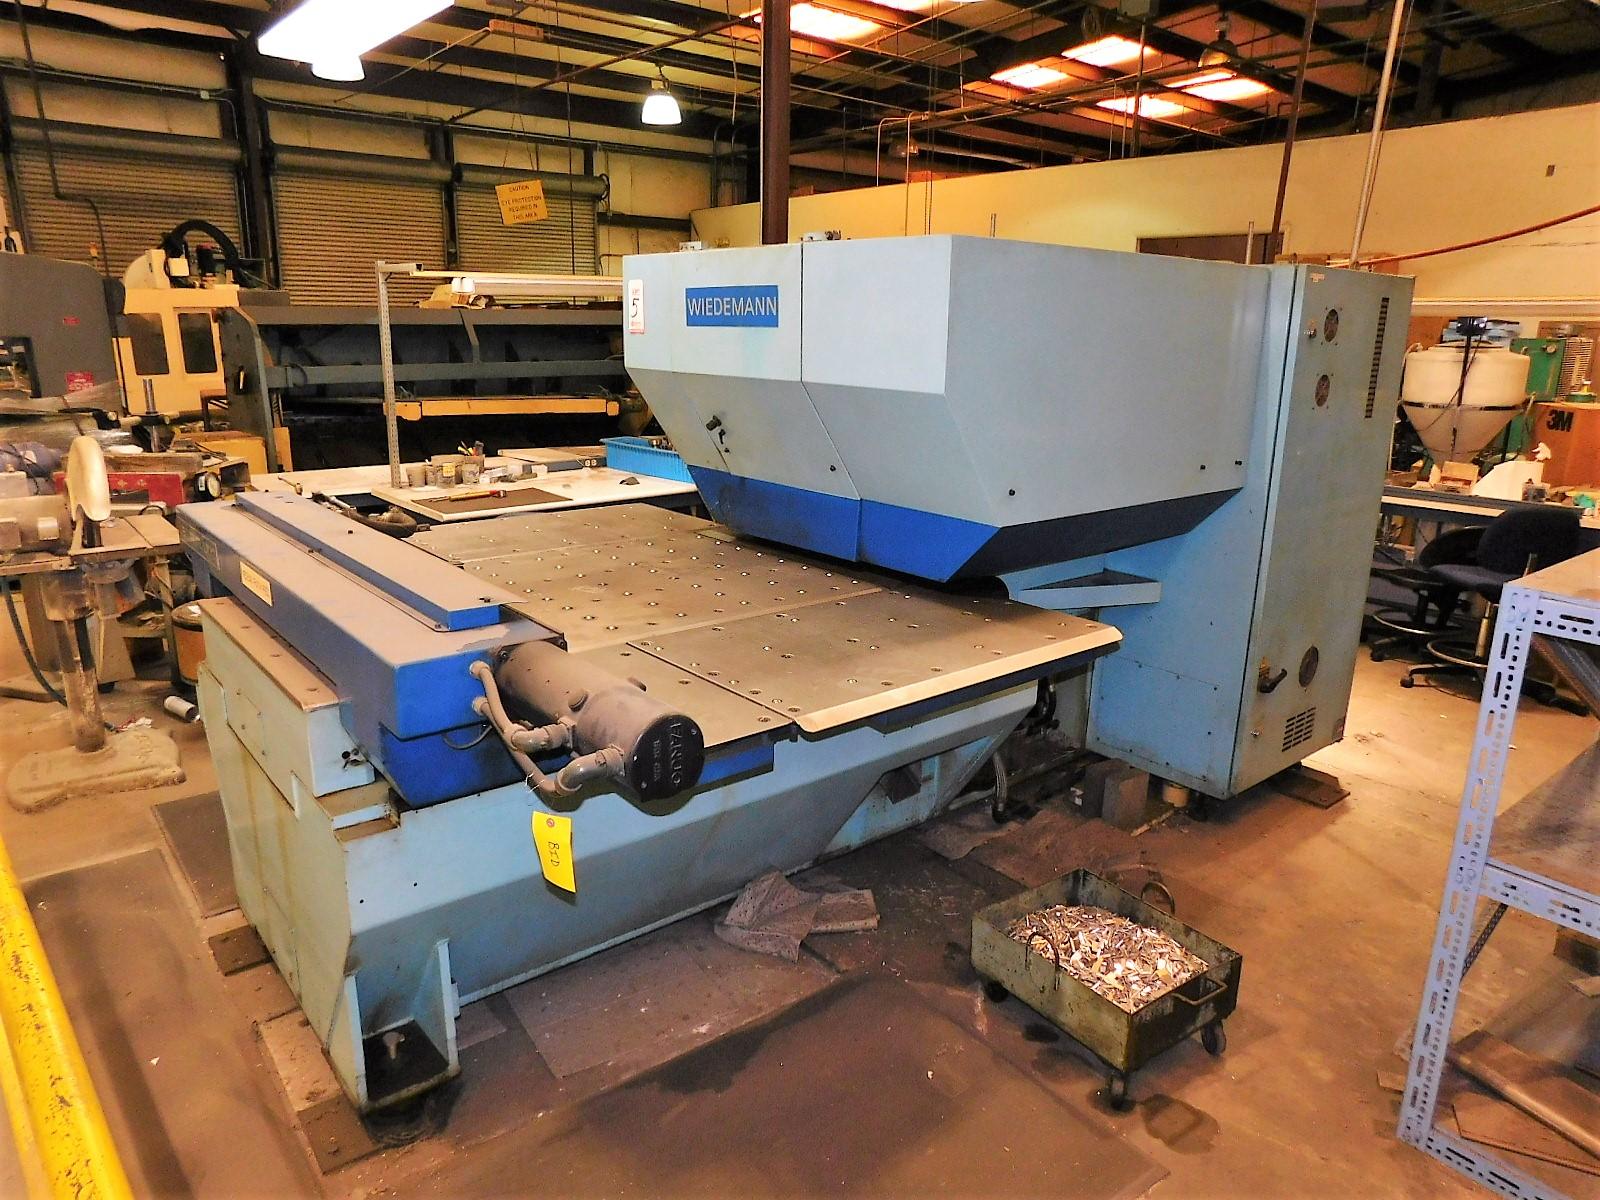 """Lot 5 - WIEDEMANN CENTRUM C-1000 PUNCH PRESS, FANUC 6M CNC CONTROL, 16-TON CAPACITY, 40"""" X 40"""" TABLE, 20-"""